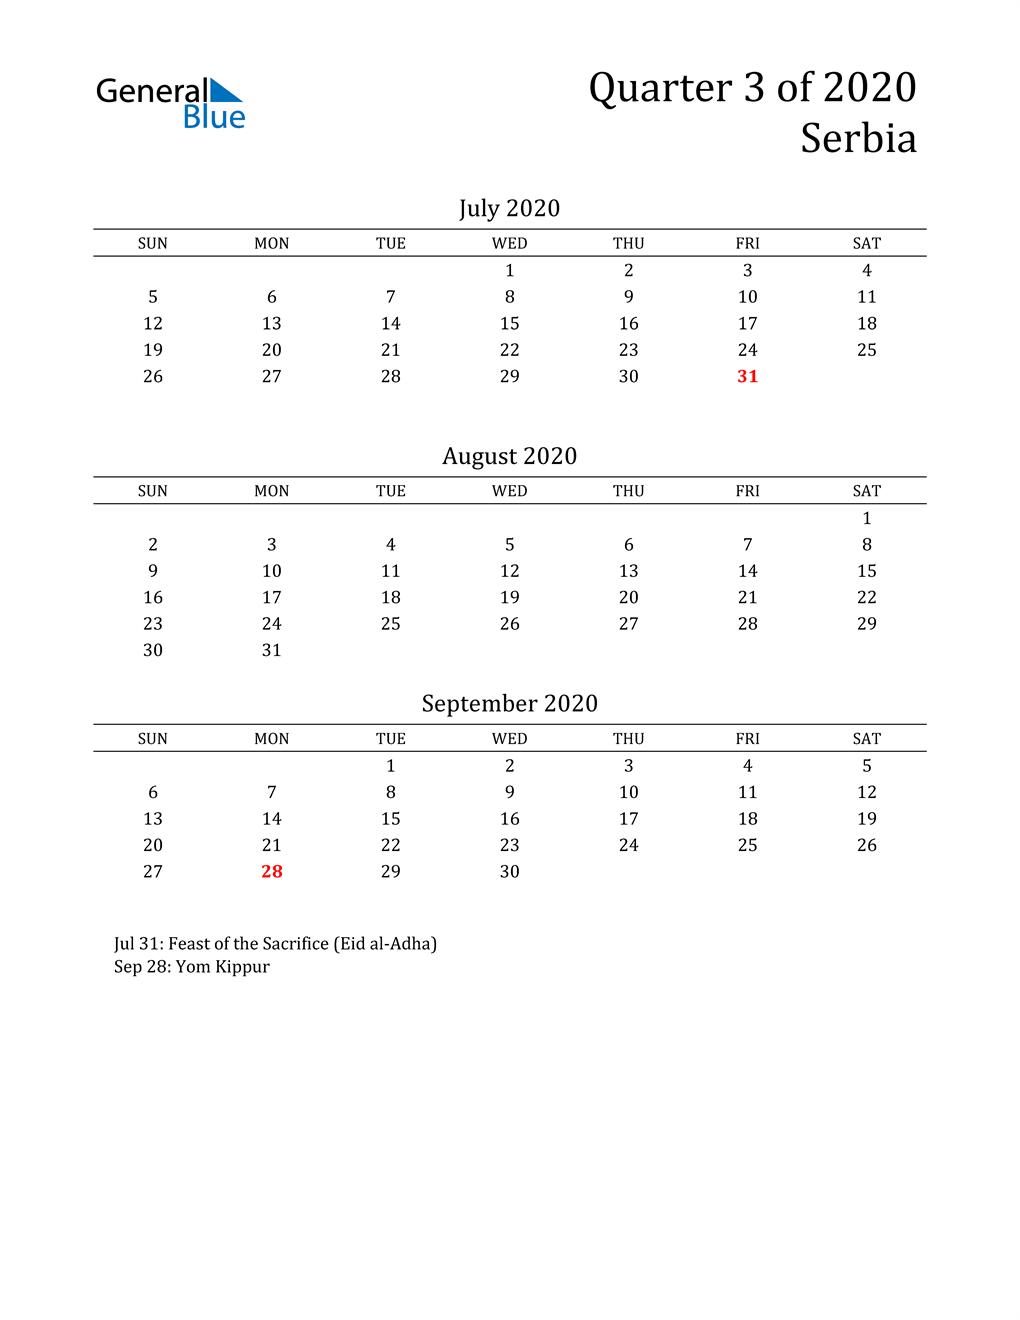 2020 Serbia Quarterly Calendar